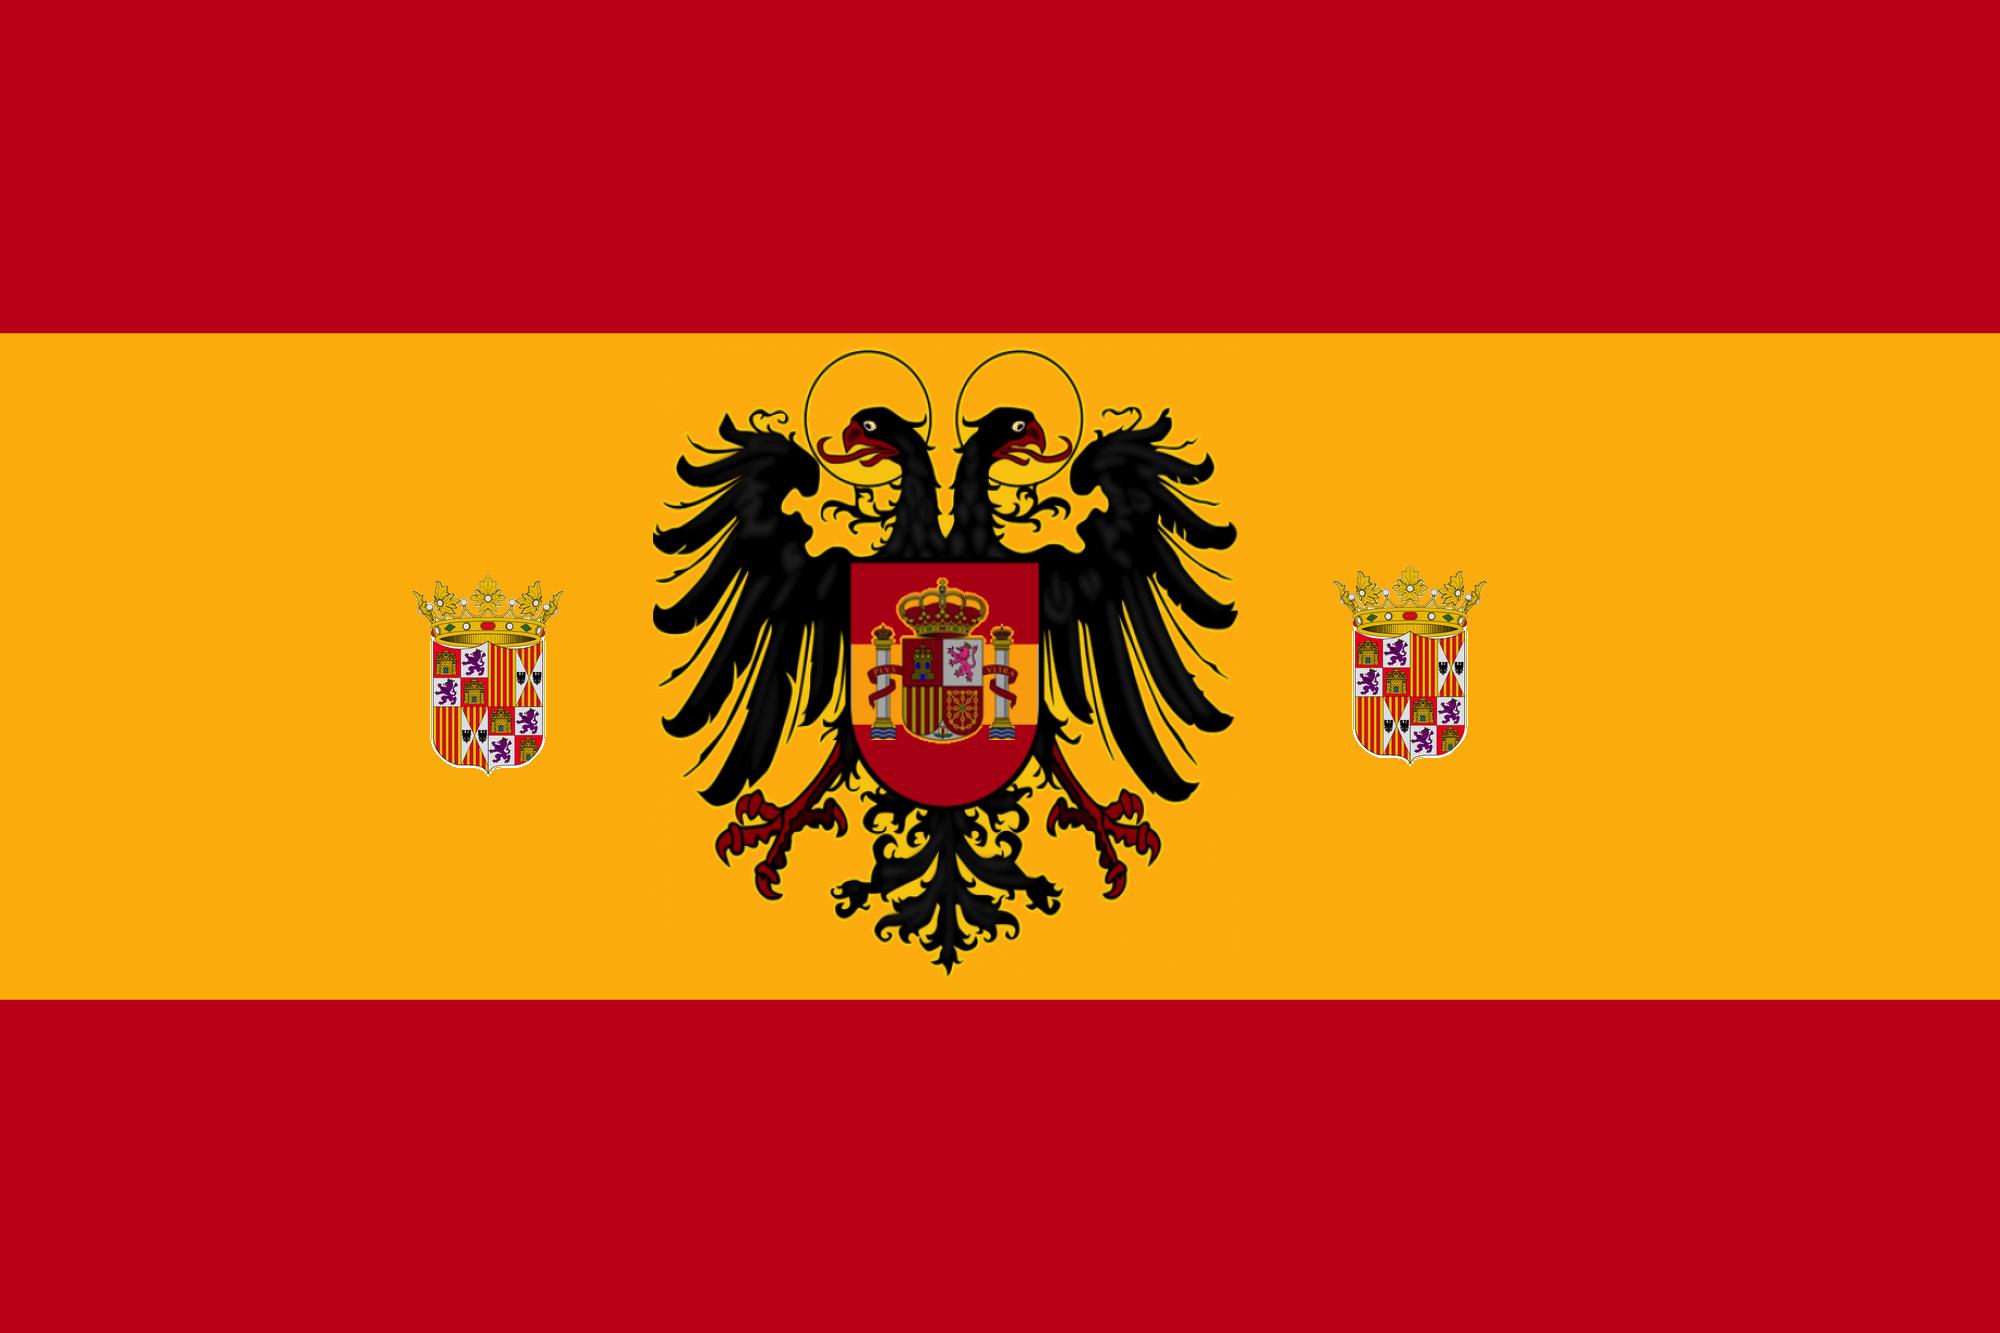 image flag of habsburg spain center eagle monarchs png